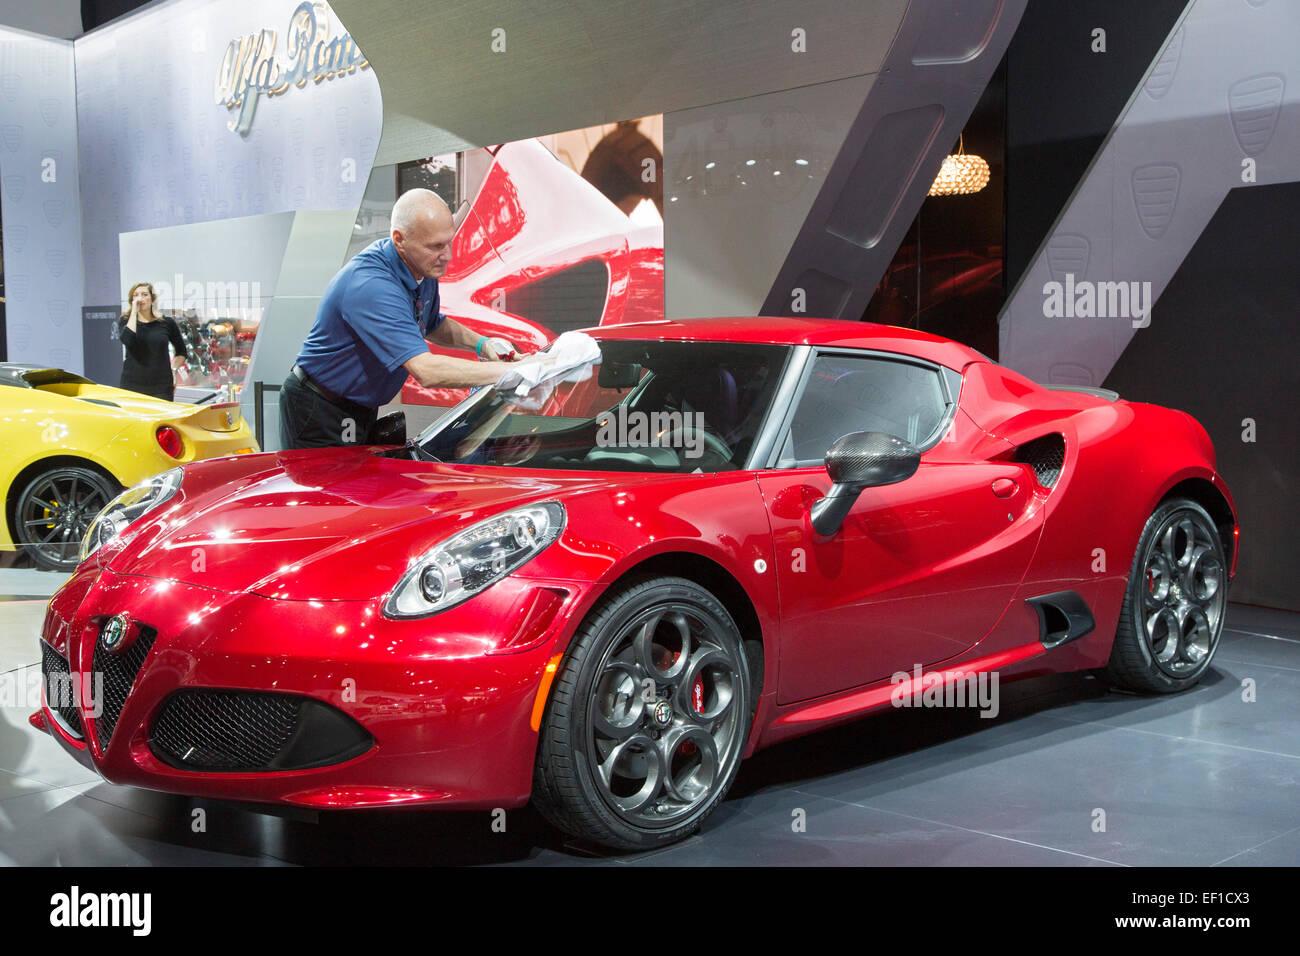 4c Stockfotos Bilder Alamy Alfa Romeo Engine Diagram Detroit Michigan Ein Arbeiter Poliert Der Auf North American International